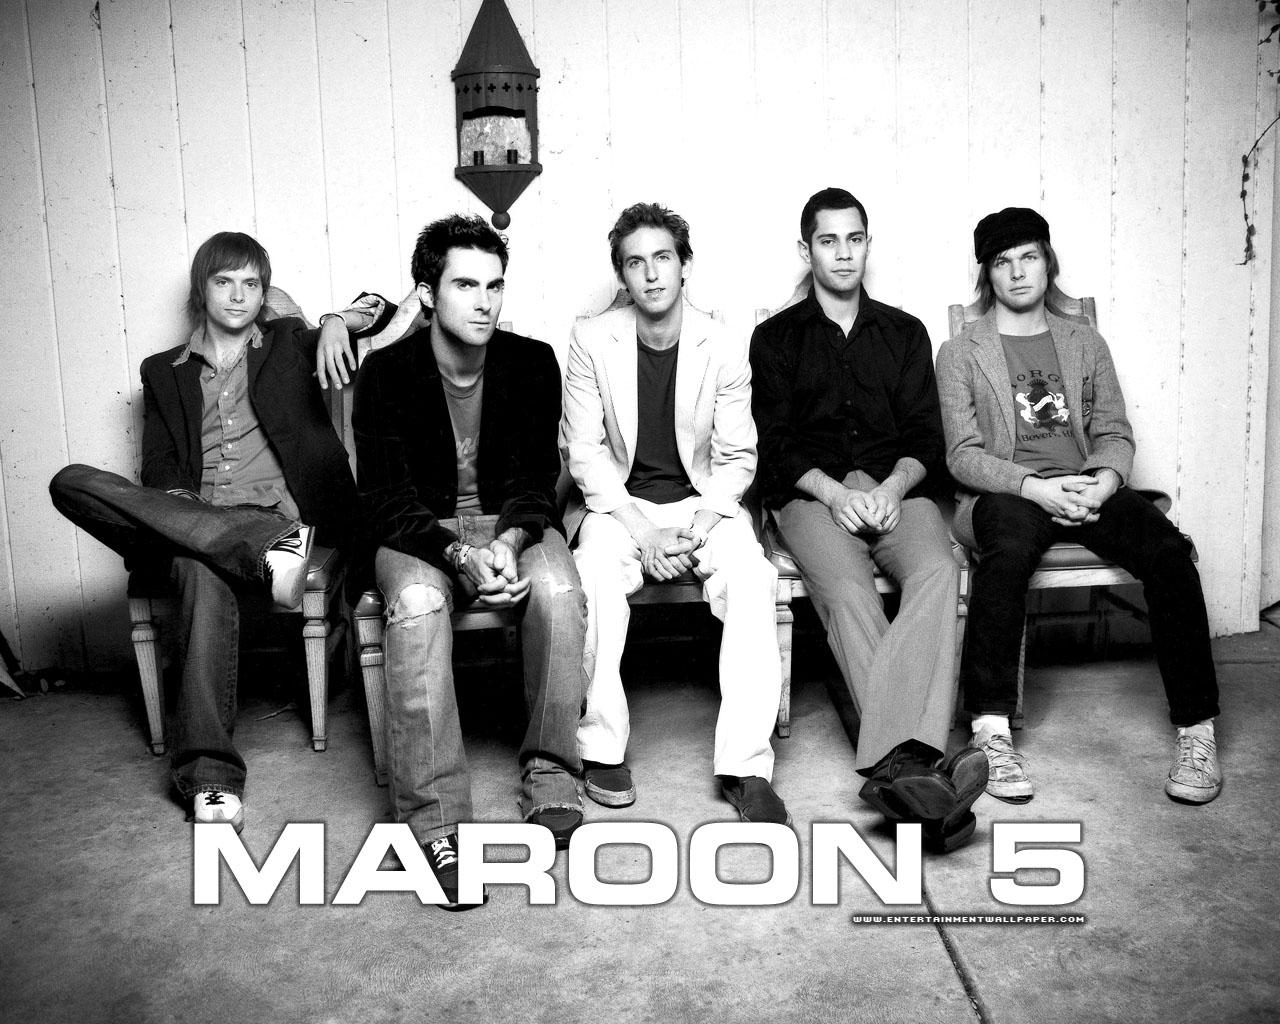 Maroon 5 Photos Wallpapers 2012Maroon 5 1997